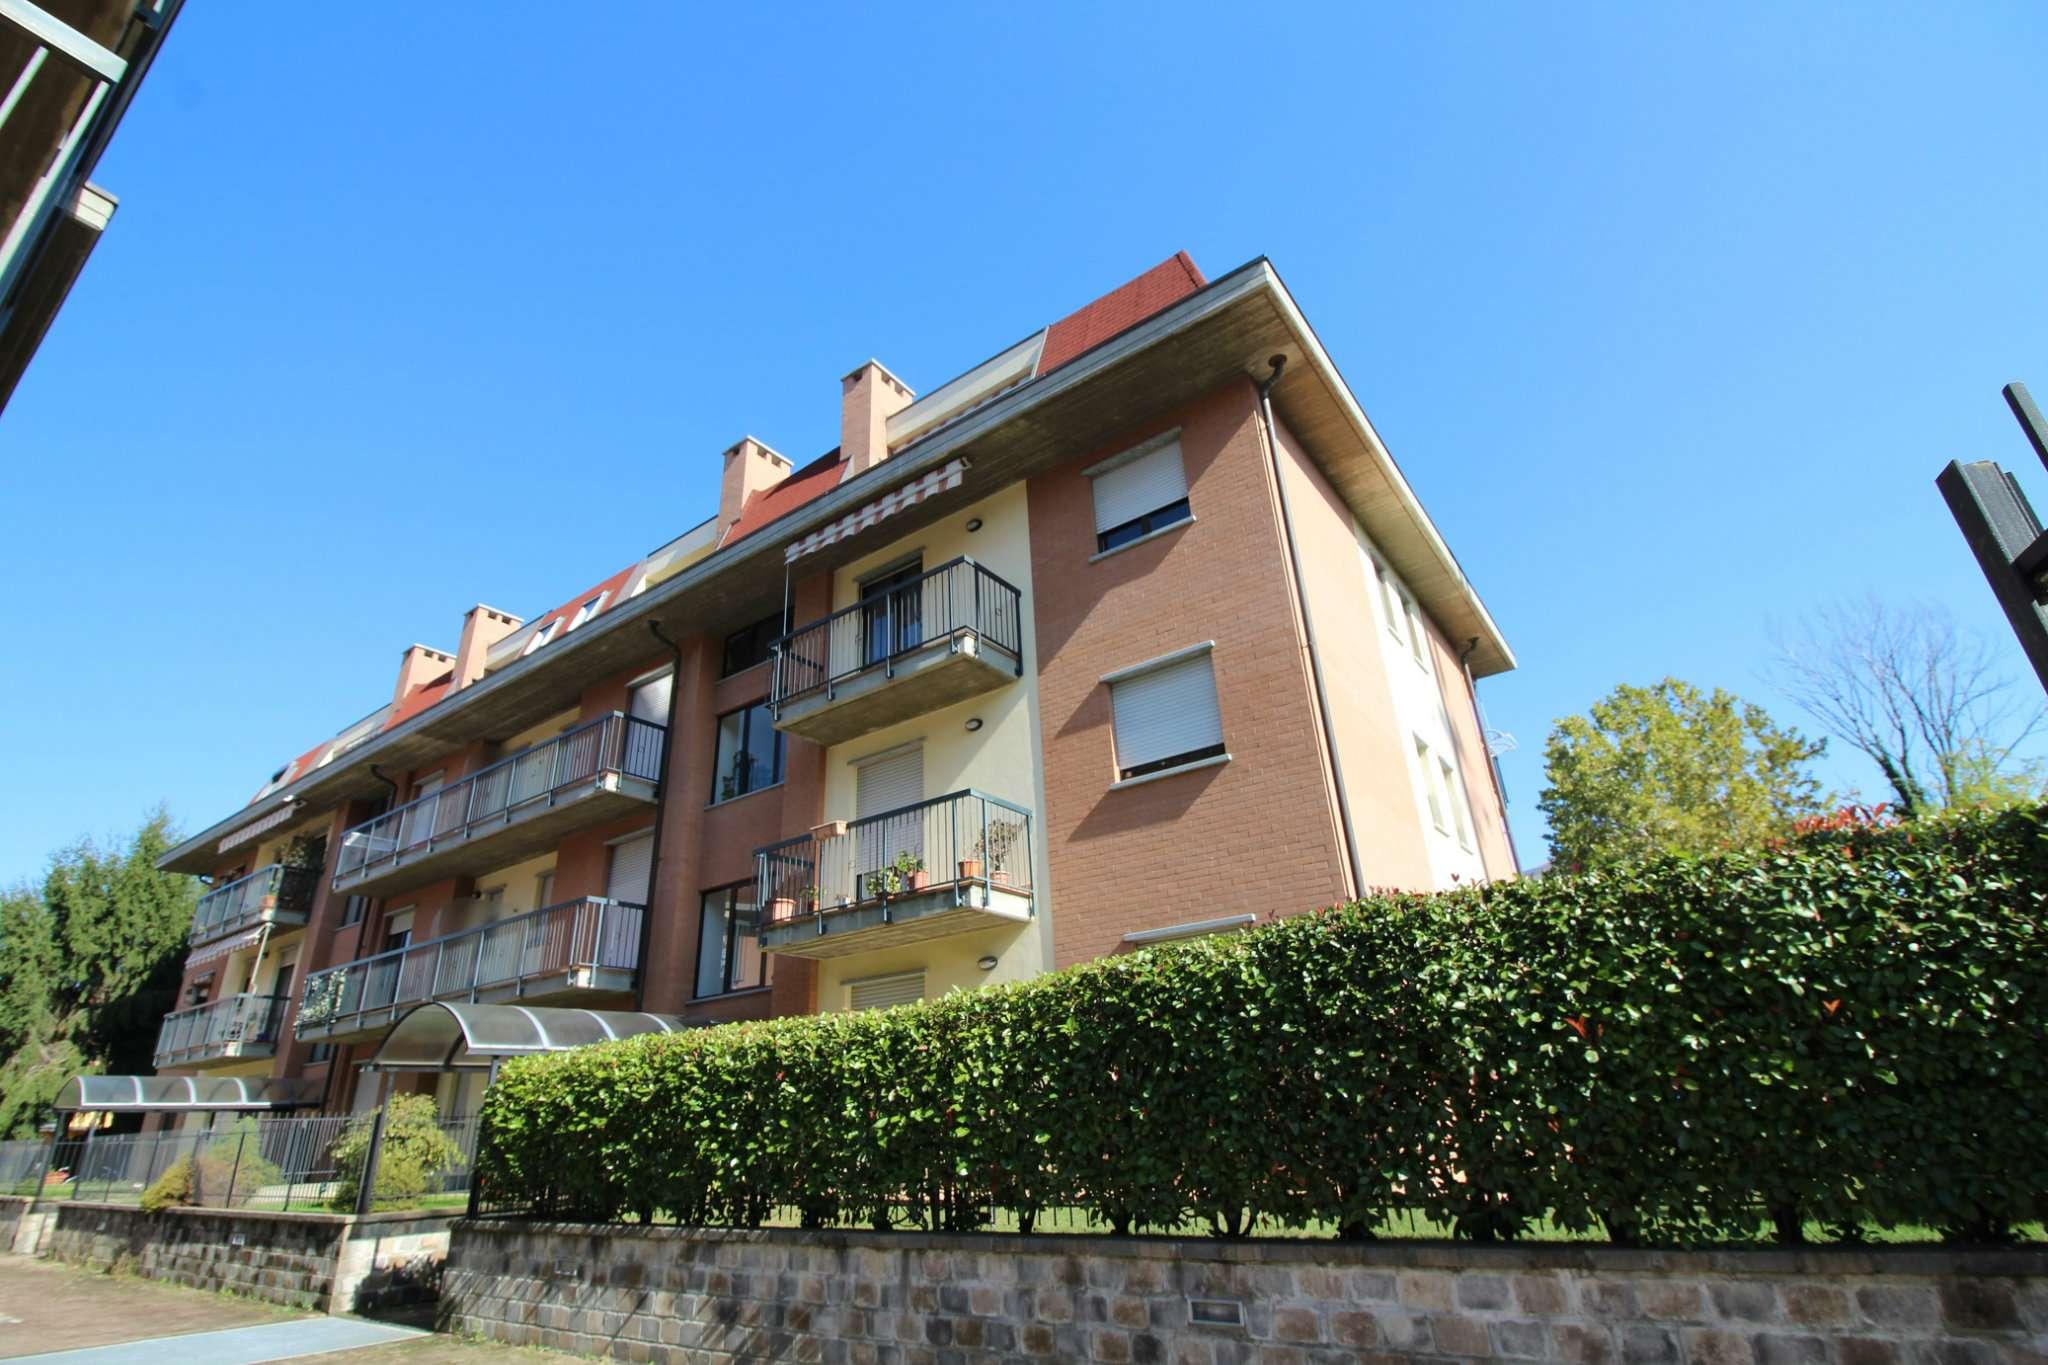 Foto 1 di Trilocale via marconi 21, Alpignano